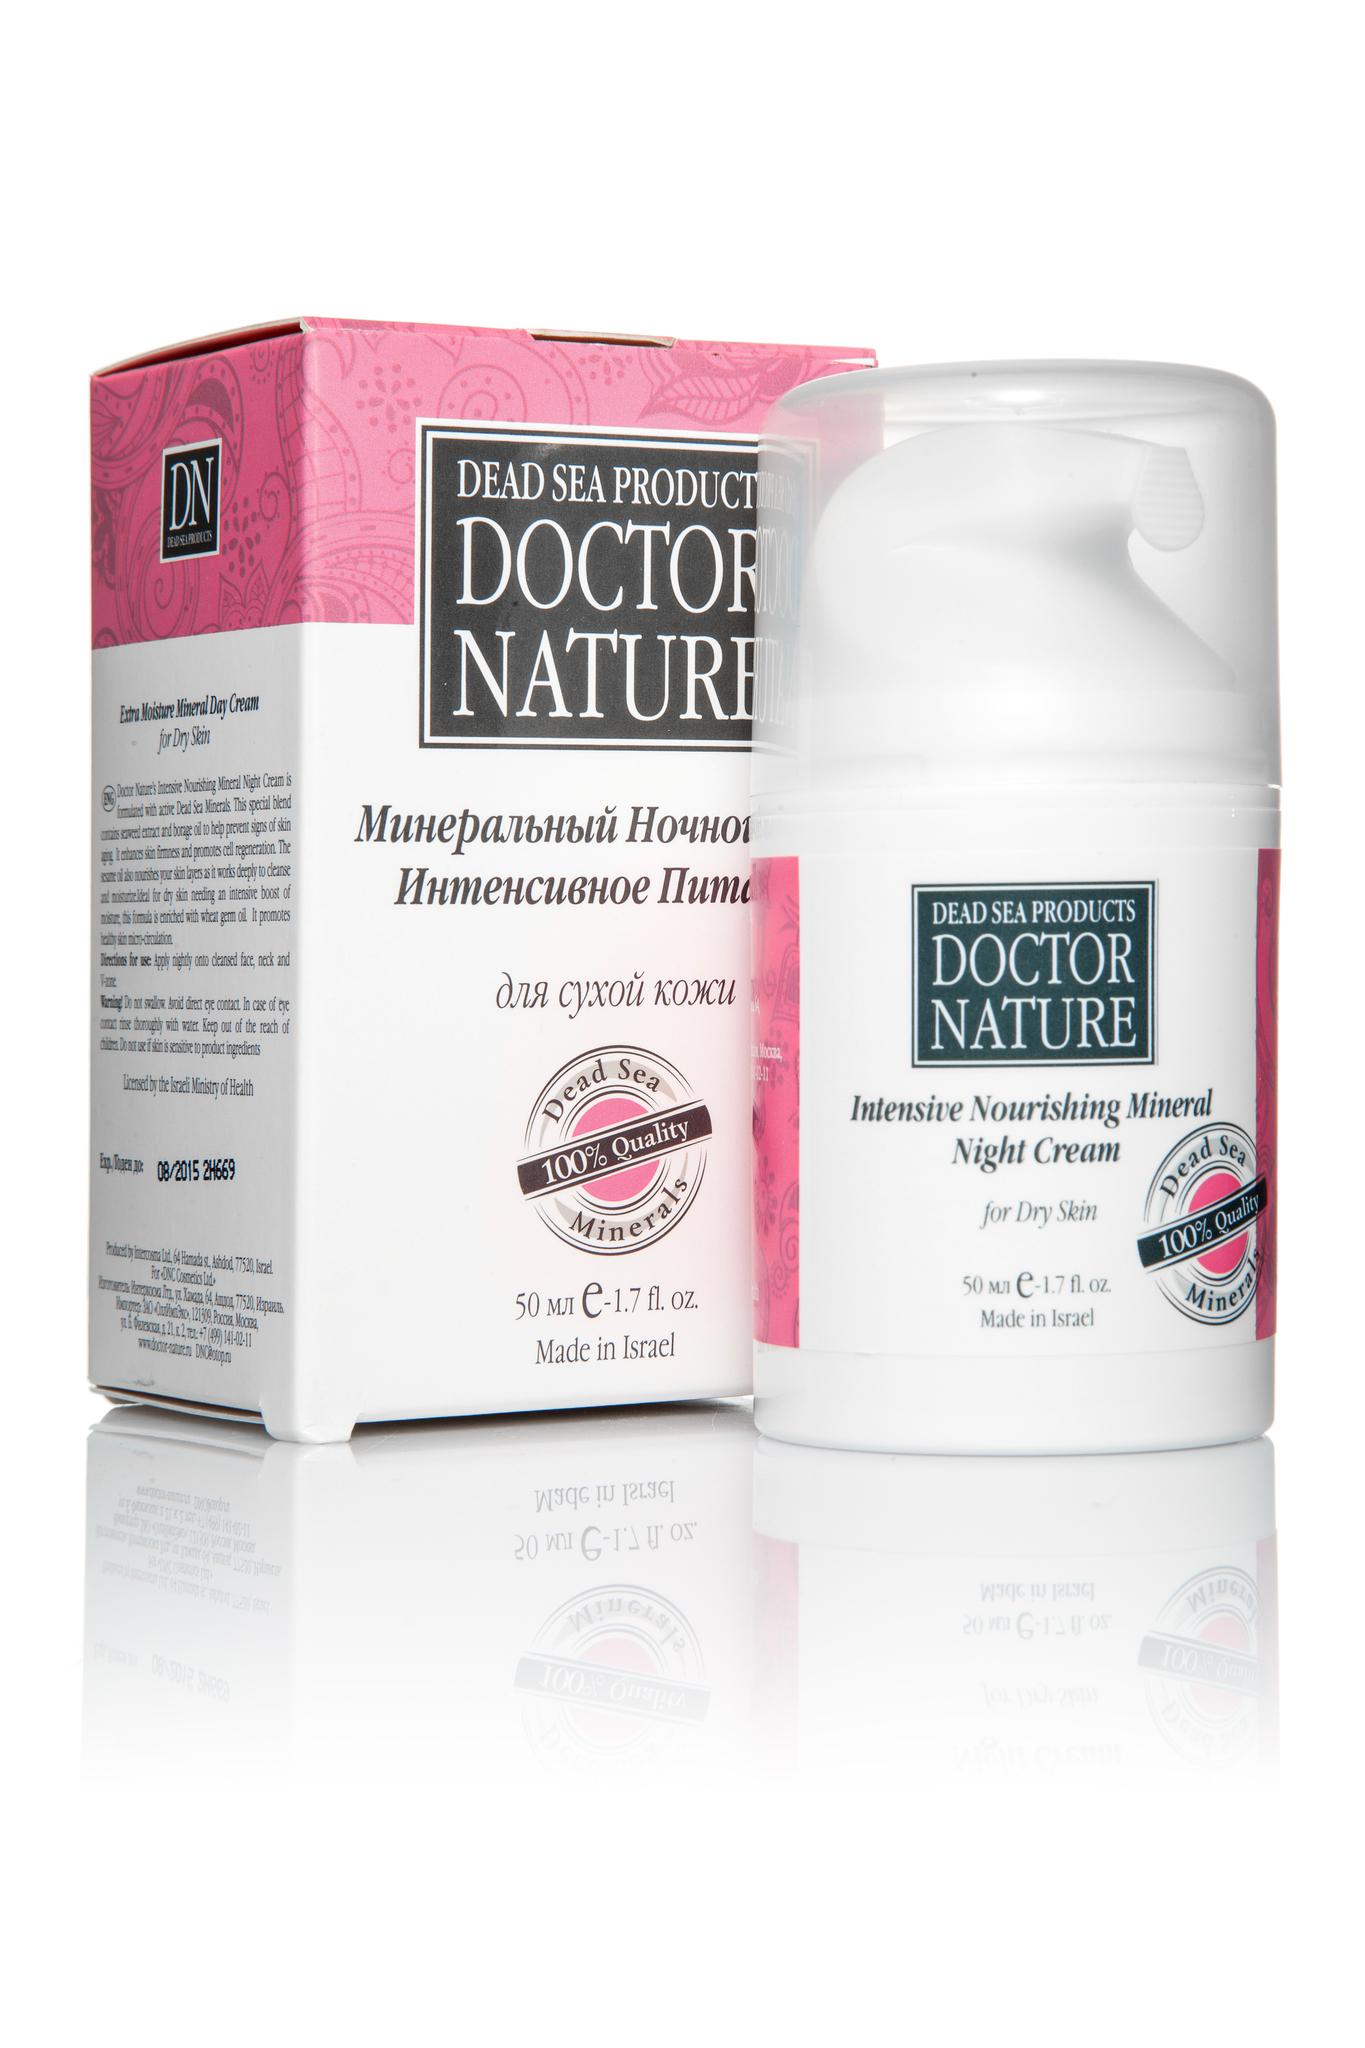 Doctor Nature ночной крем Интенсивное питание 50 мл.